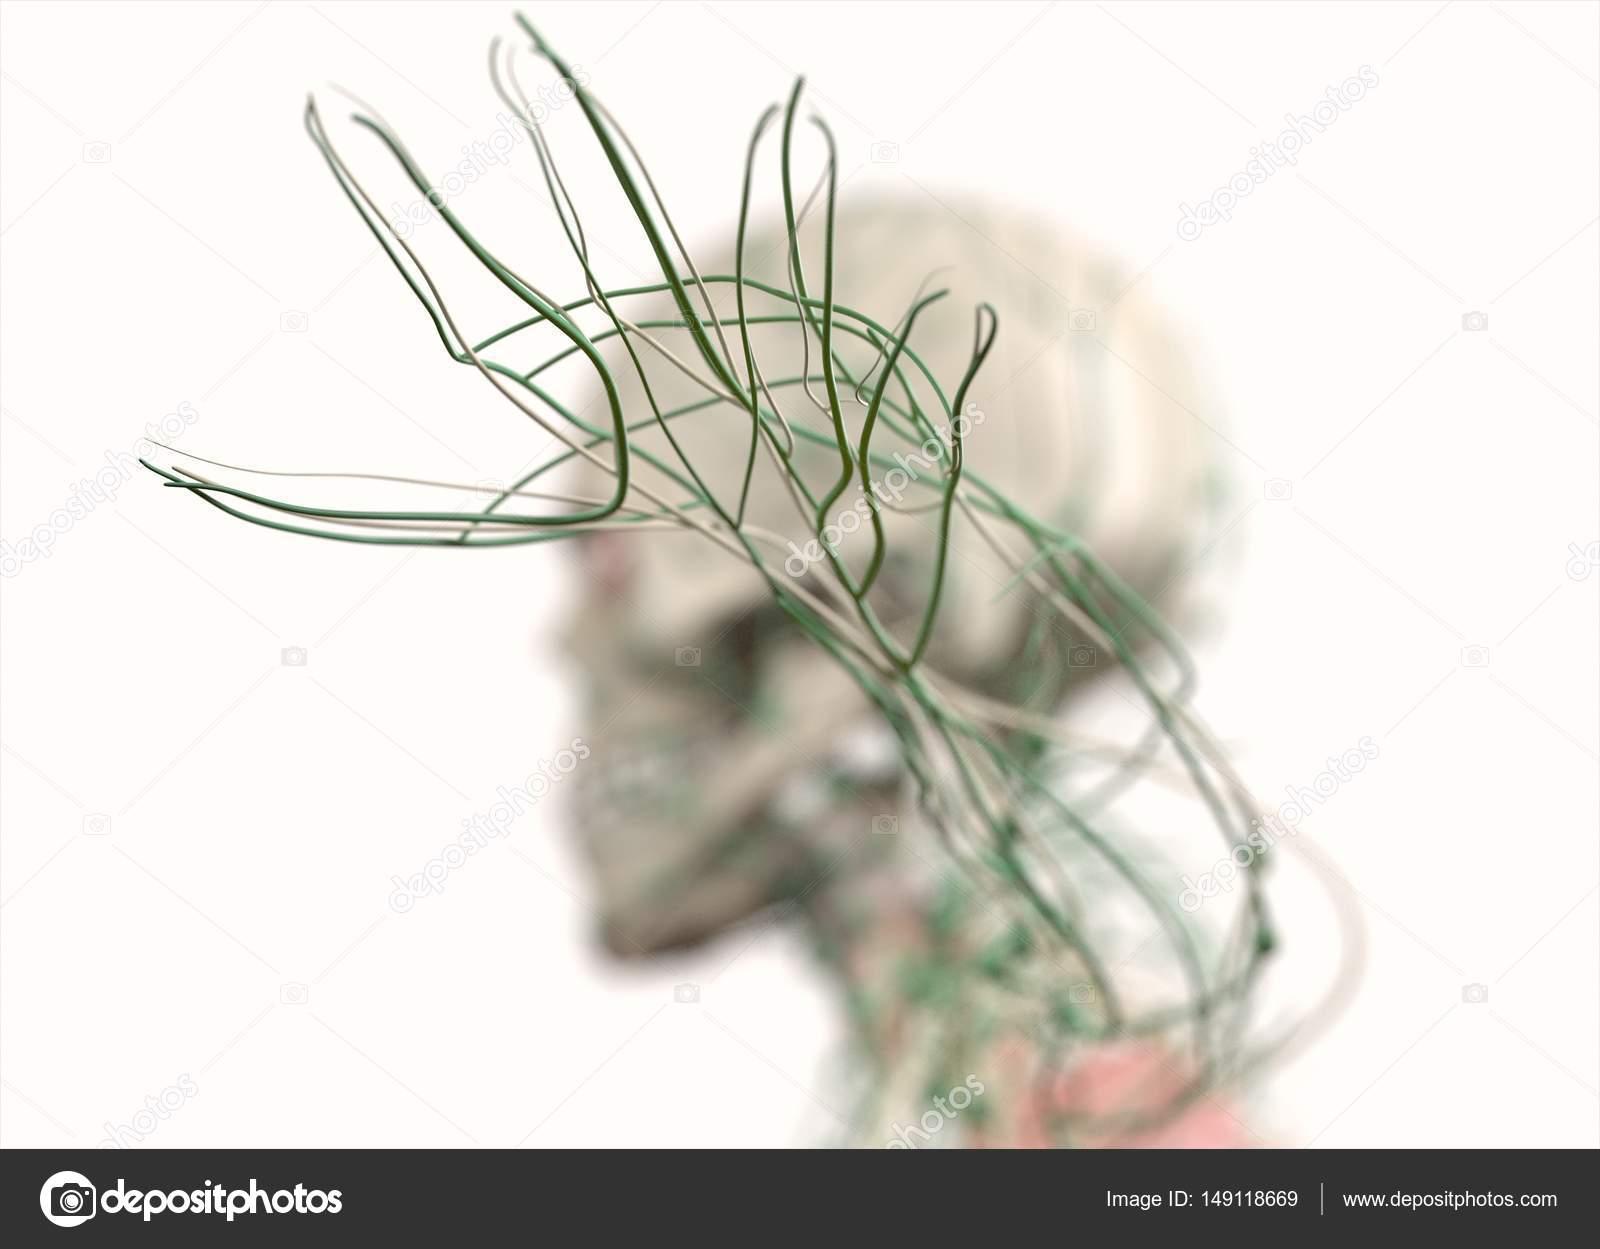 menschliche Hand mit Nerven — Stockfoto © AnatomyInsider #149118669